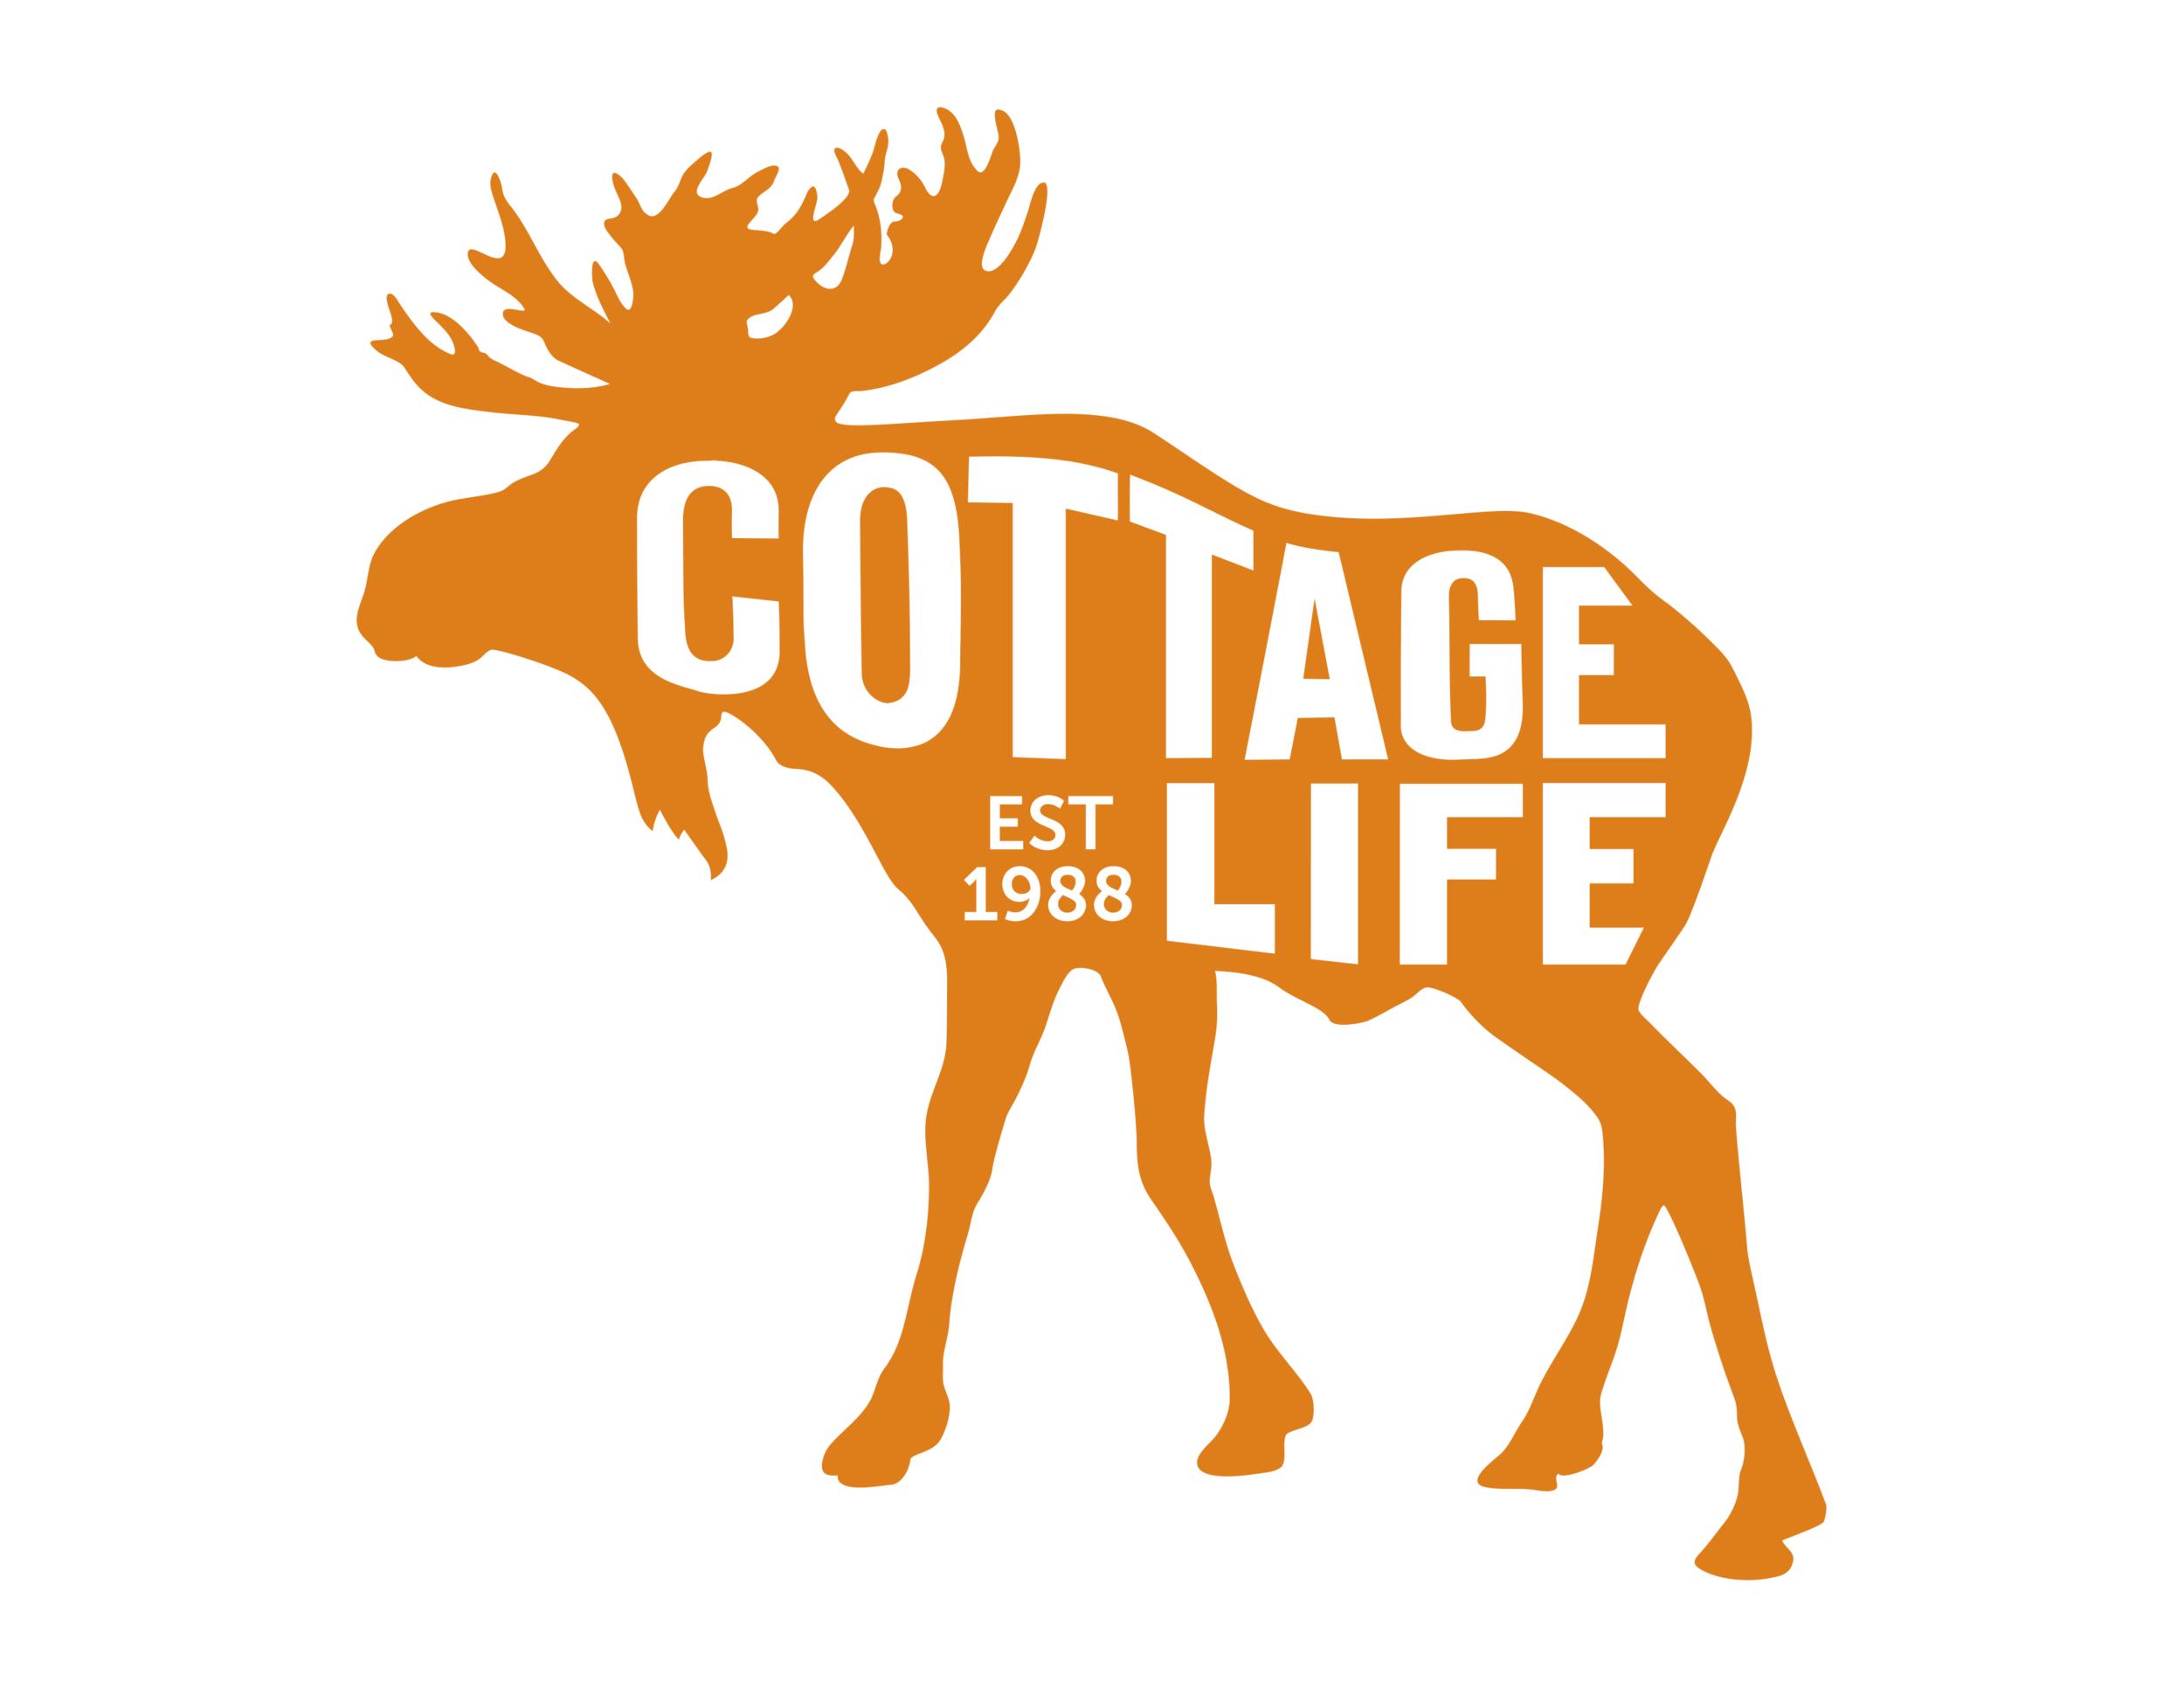 CottageLife_Moose_orange.png